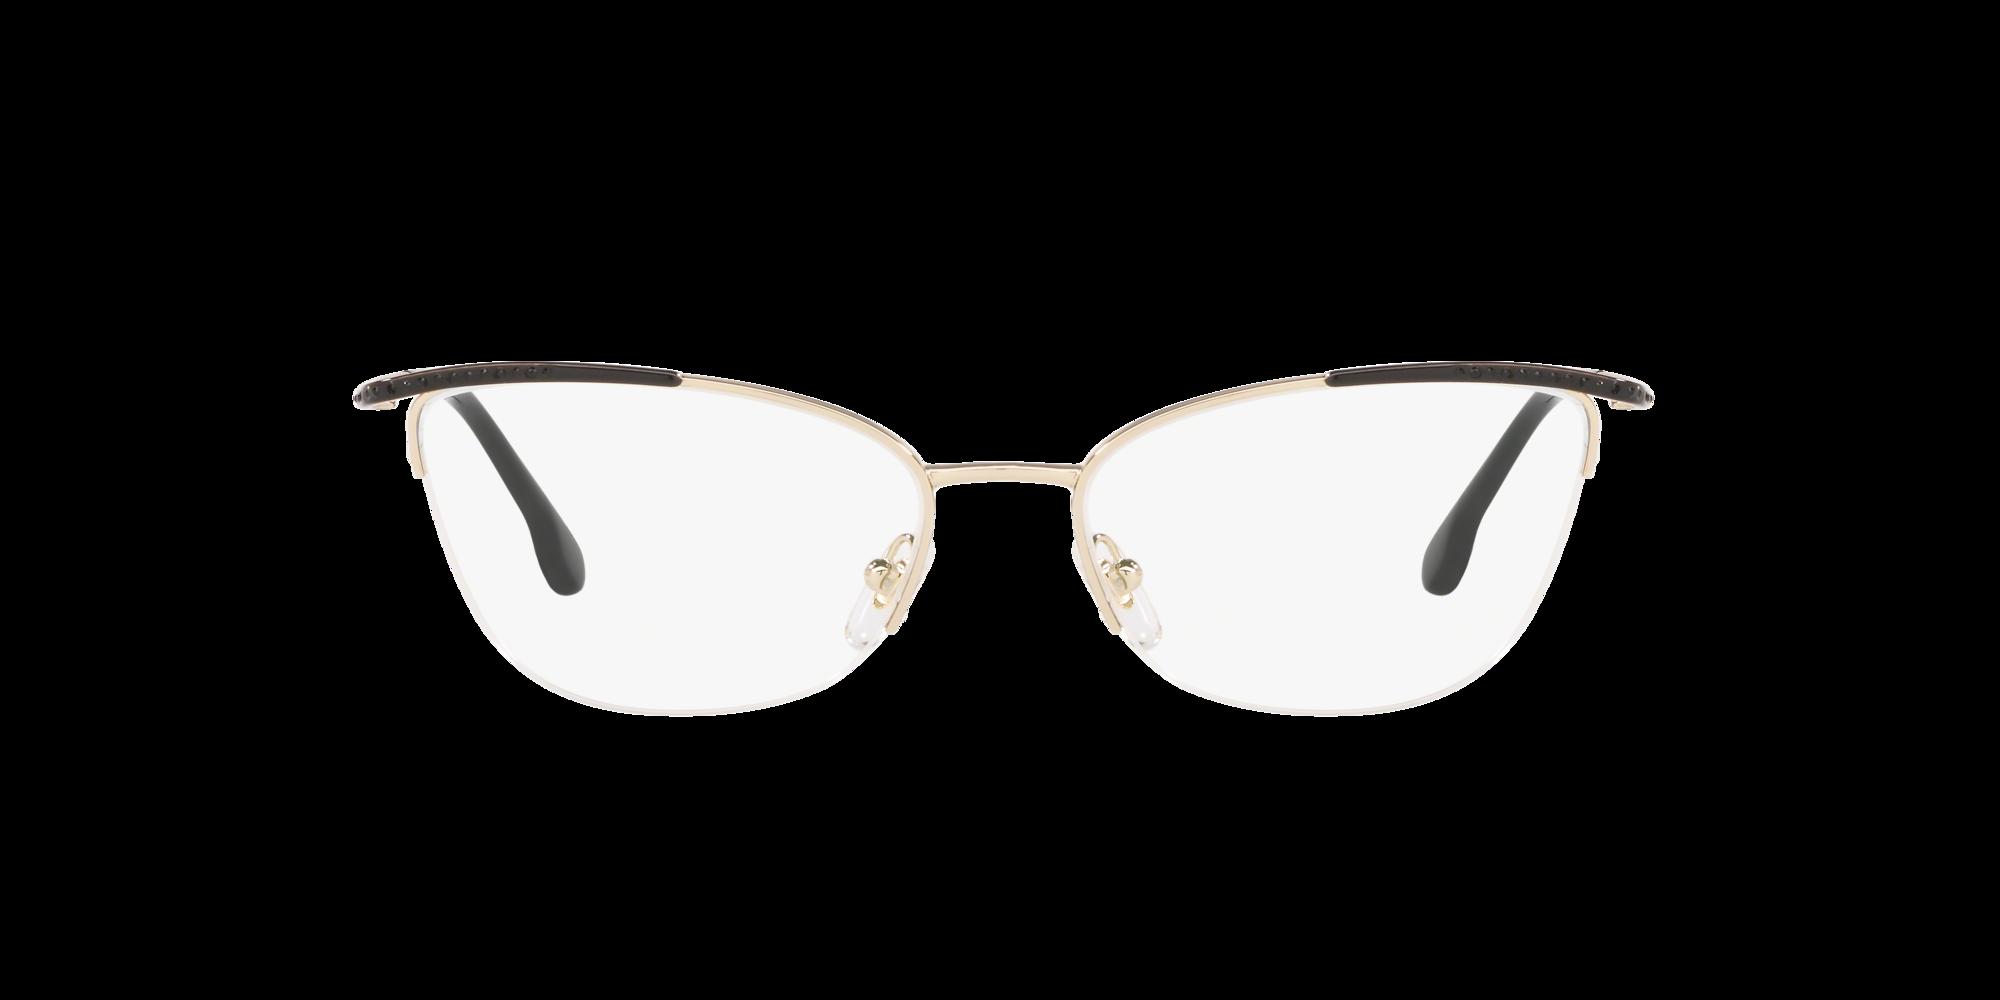 Imagen para VE1261B de LensCrafters    Espejuelos, espejuelos graduados en línea, gafas